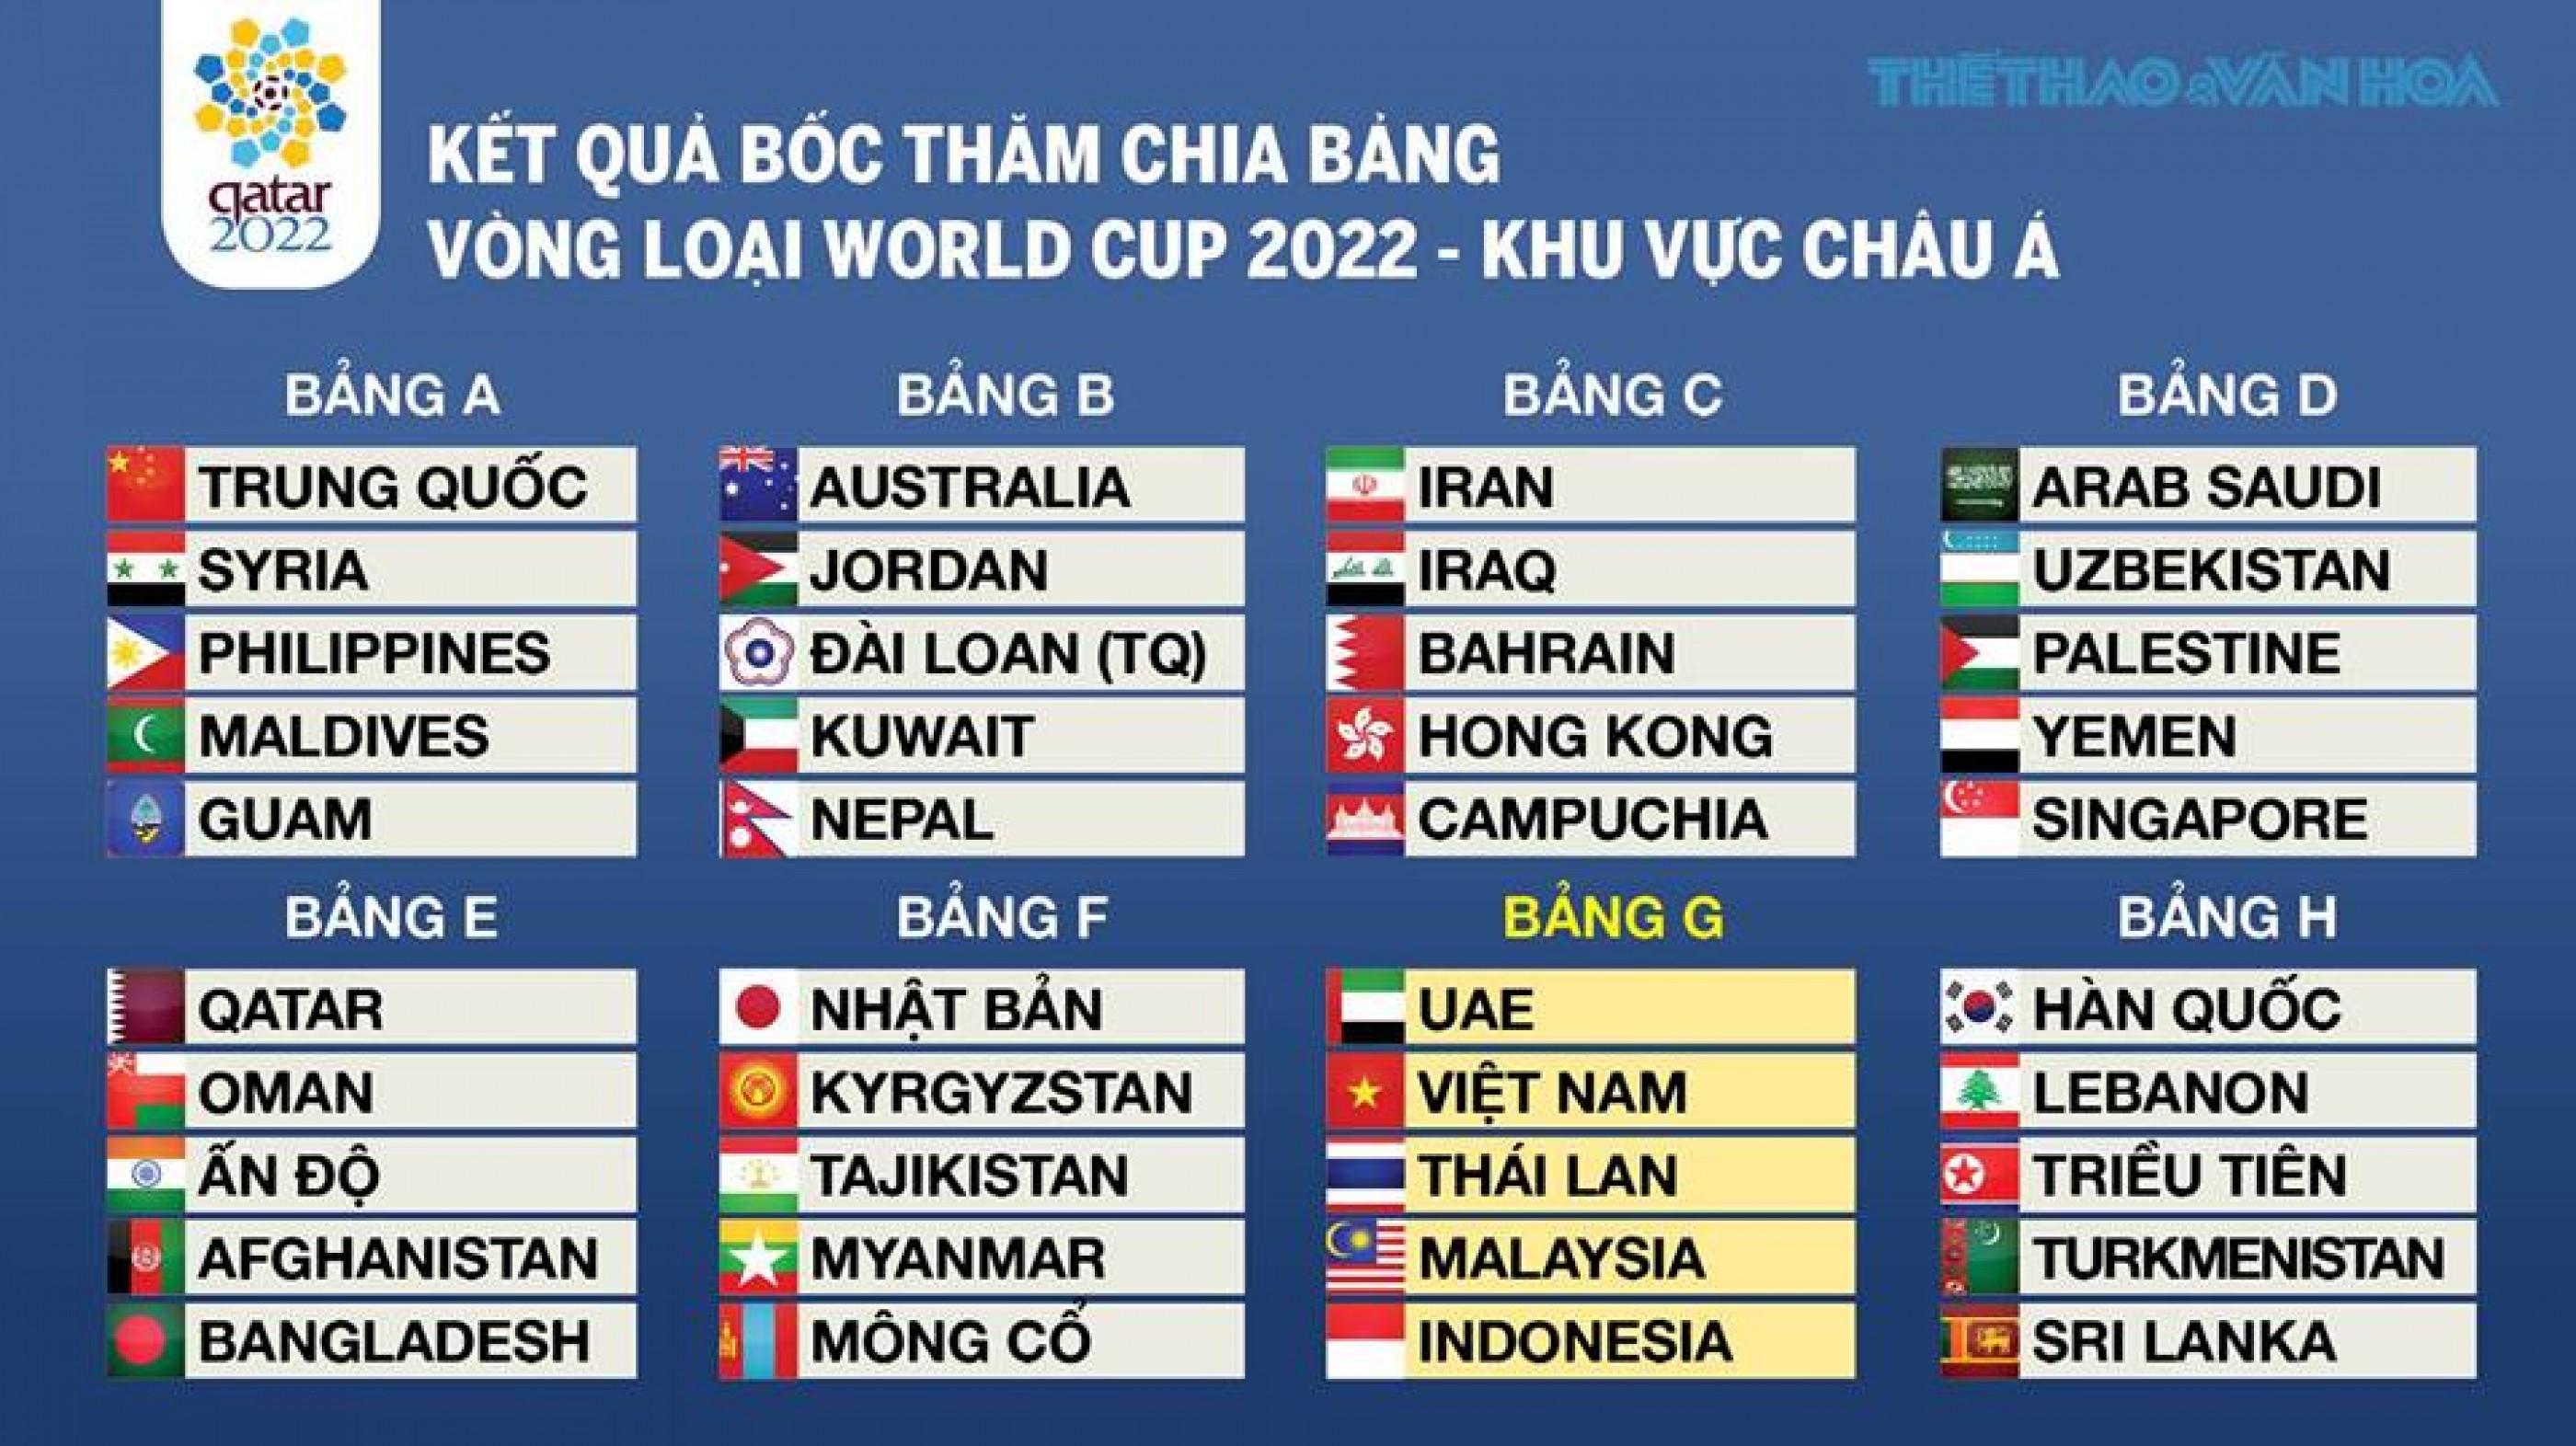 Vòng loại World Cup 2022: NHM đã có thể xem trực tiếp các trận đấu của ĐT Việt Nam trên TV 1